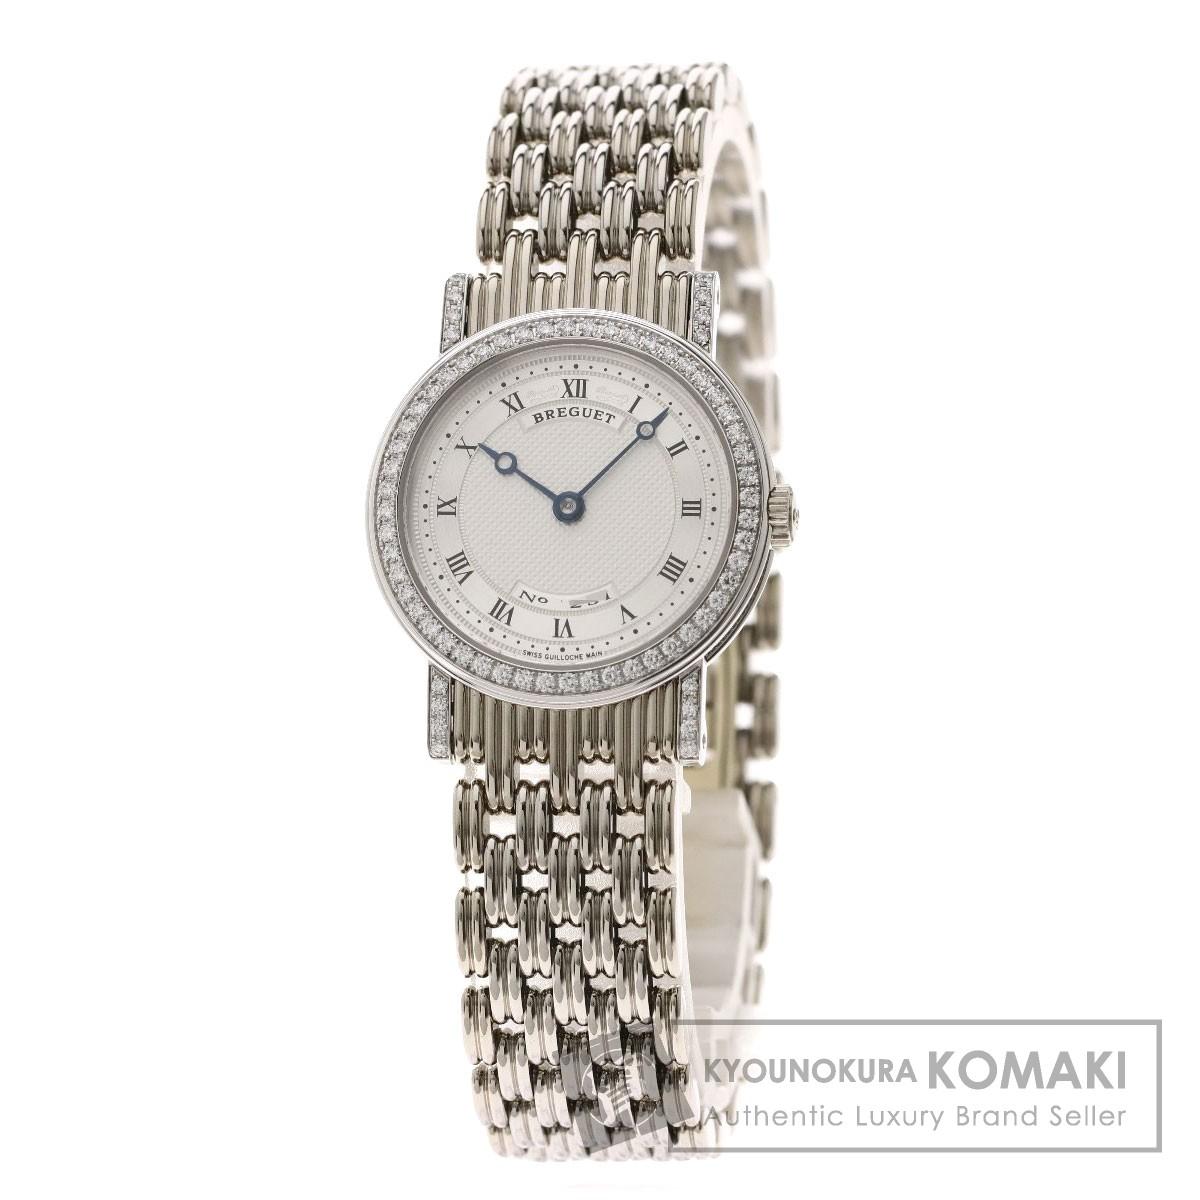 ブレゲ 8561BB/11/BAO クラシック ベゼルダイヤモンド 腕時計 OH済 K18ホワイトゴールド/K18WG/ダイヤモンド レディース 【中古】【Breguet】